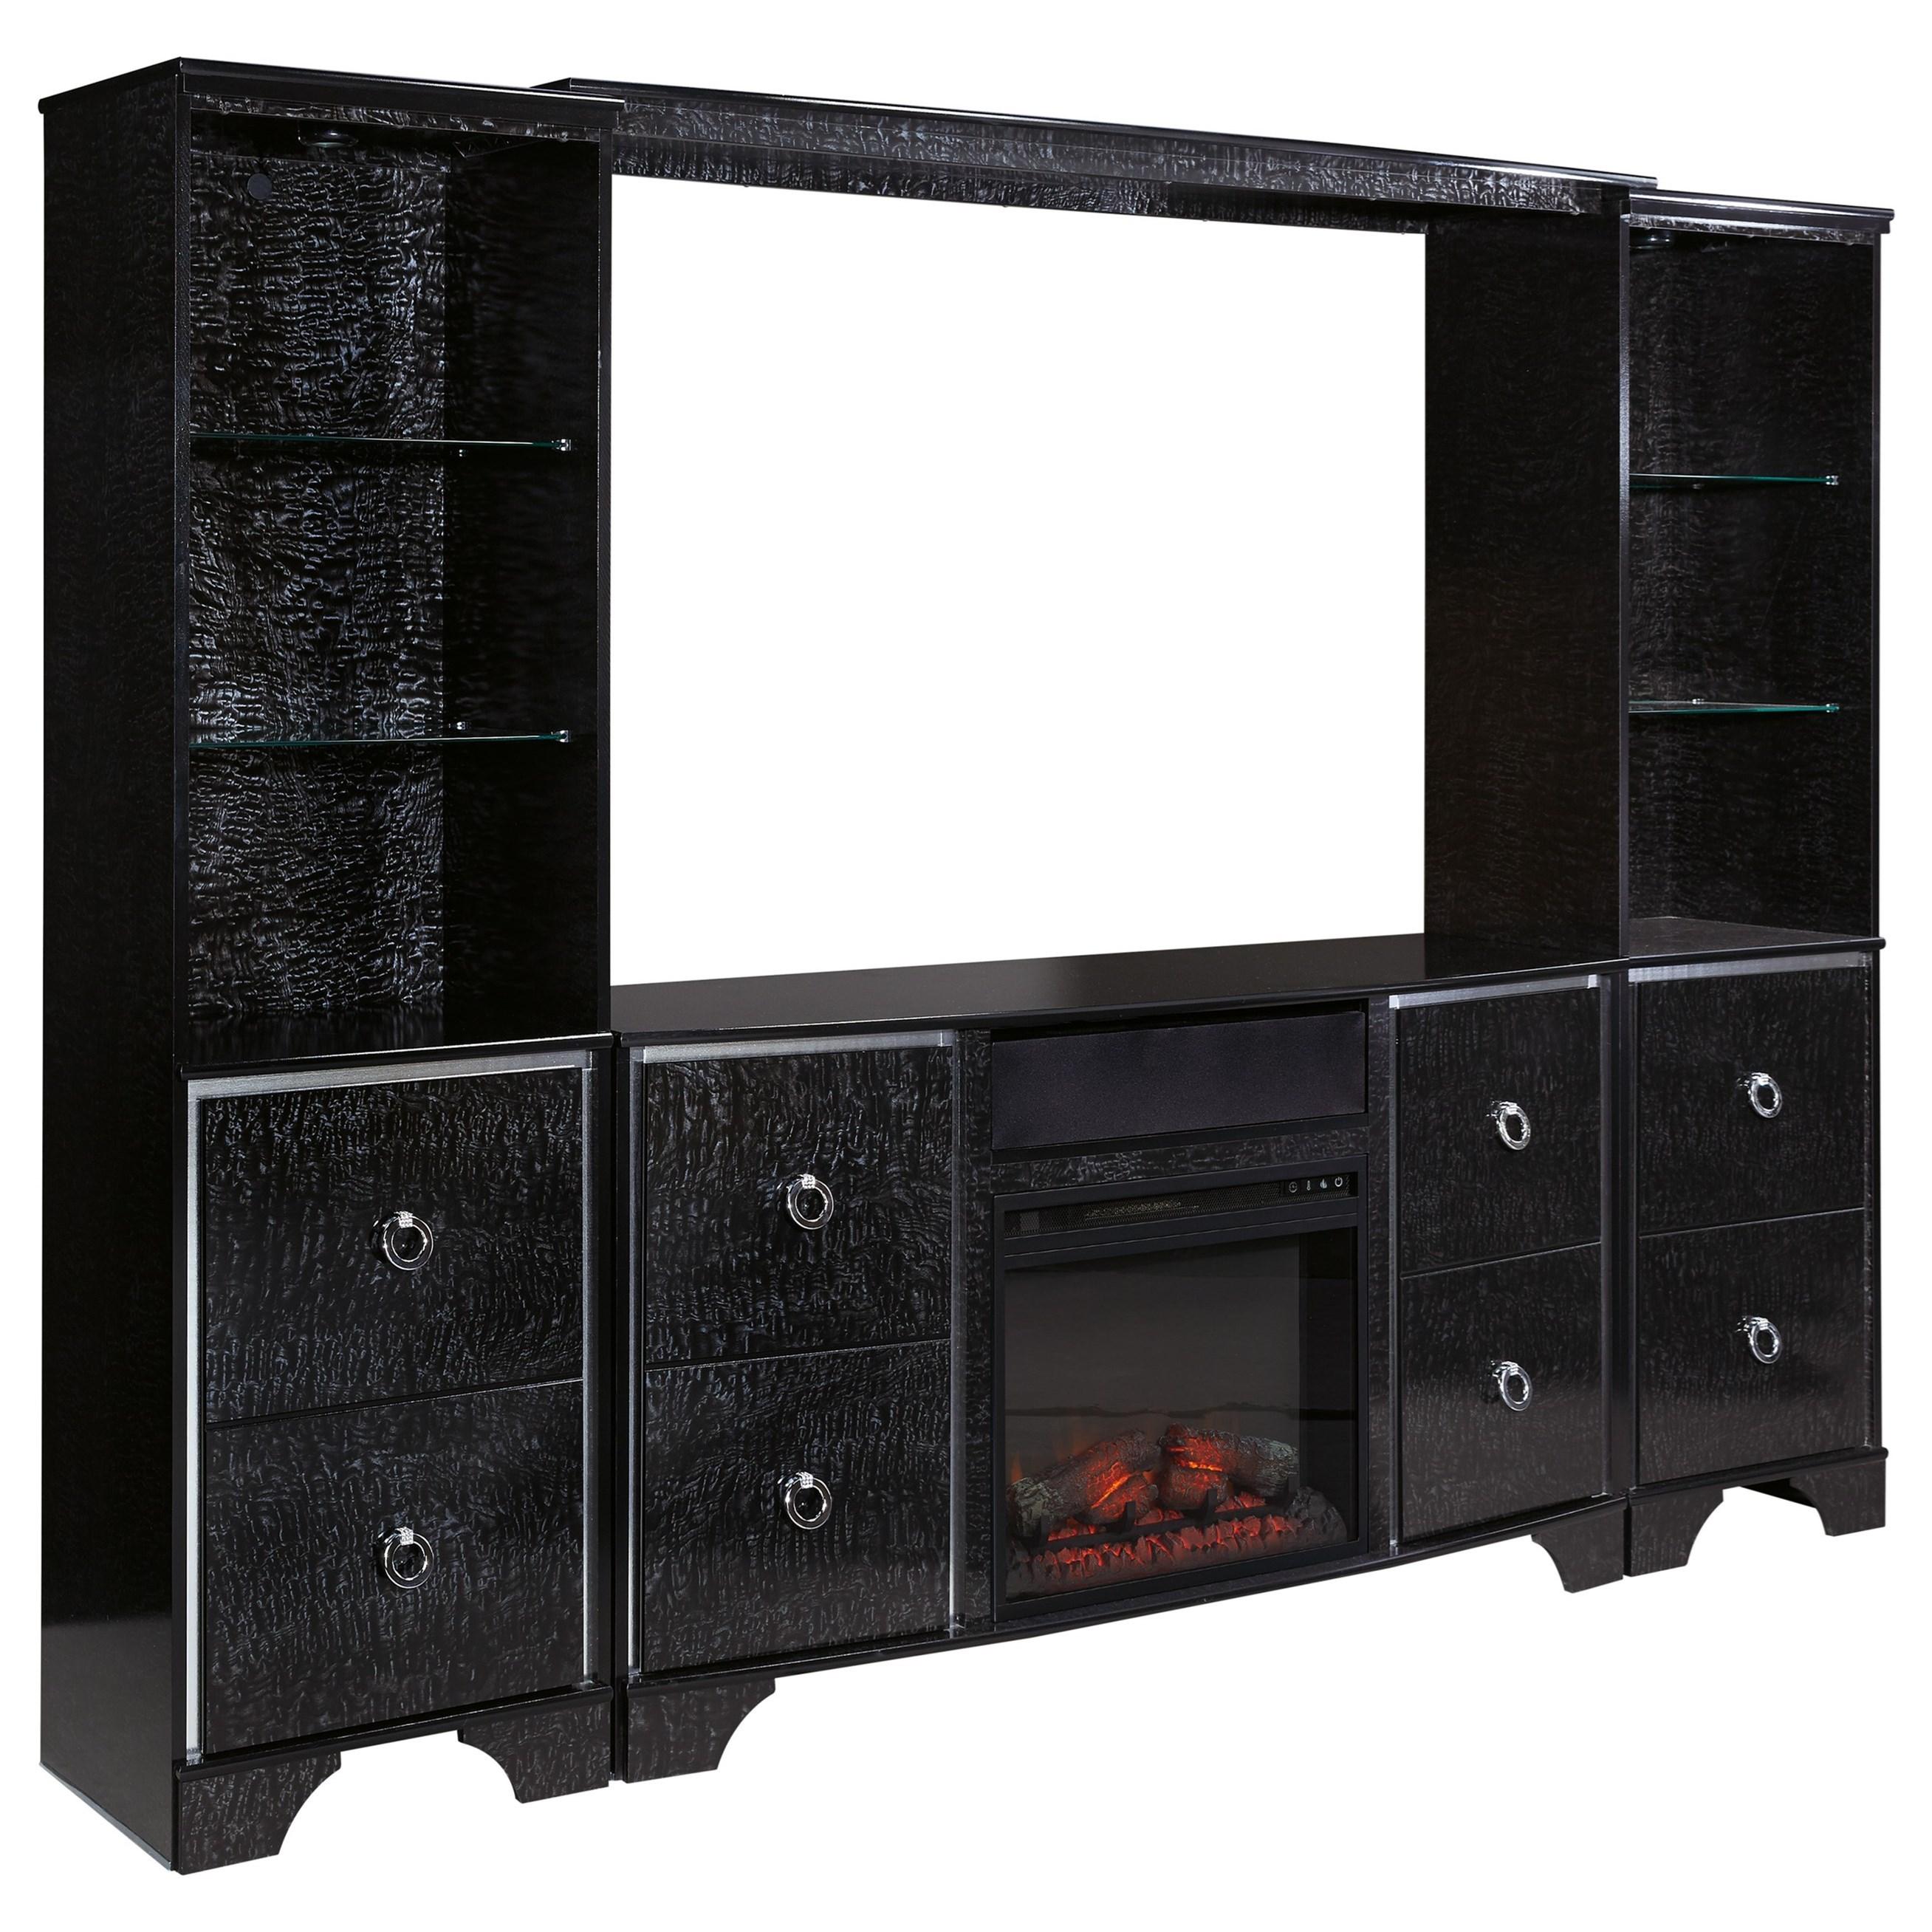 Ashley Signature Design Amrothi Glam Entertainment Center With Fireplace Insert Dunk Bright